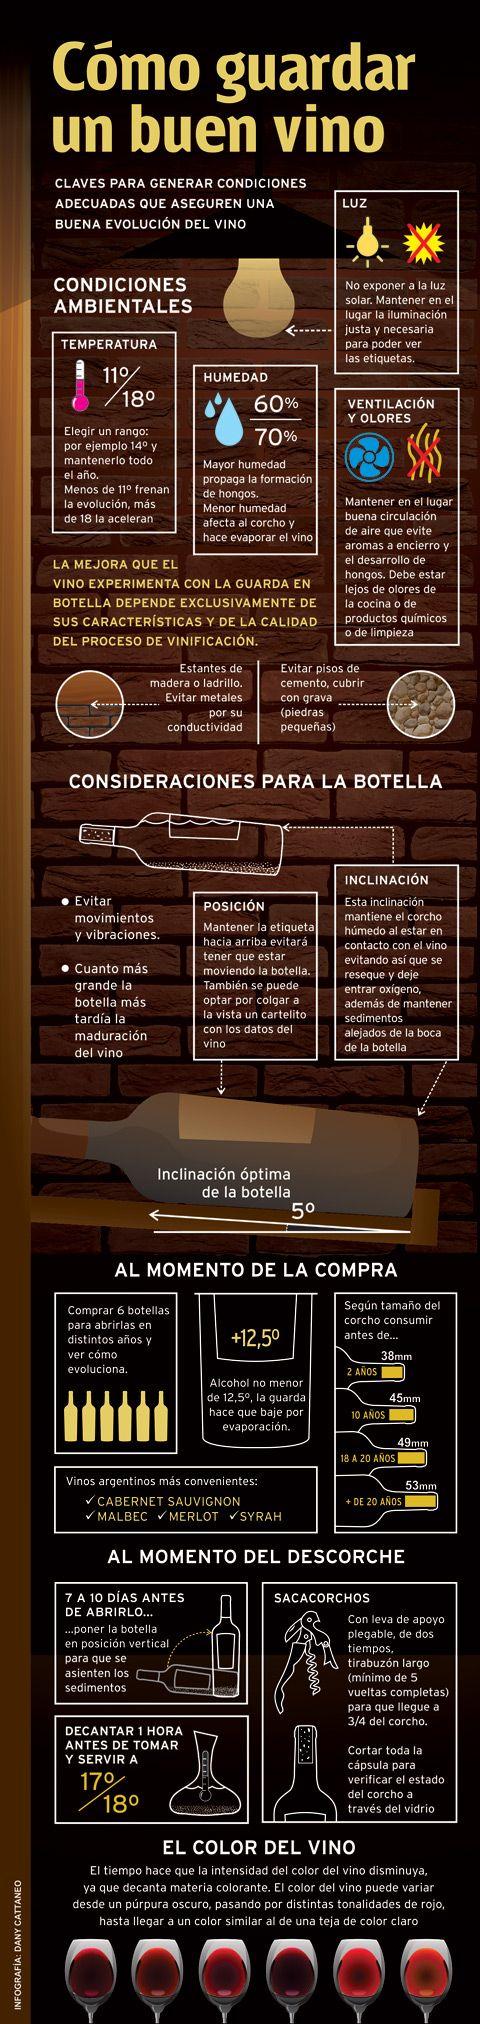 ¿Cómo guardar un buen vino? #infografía